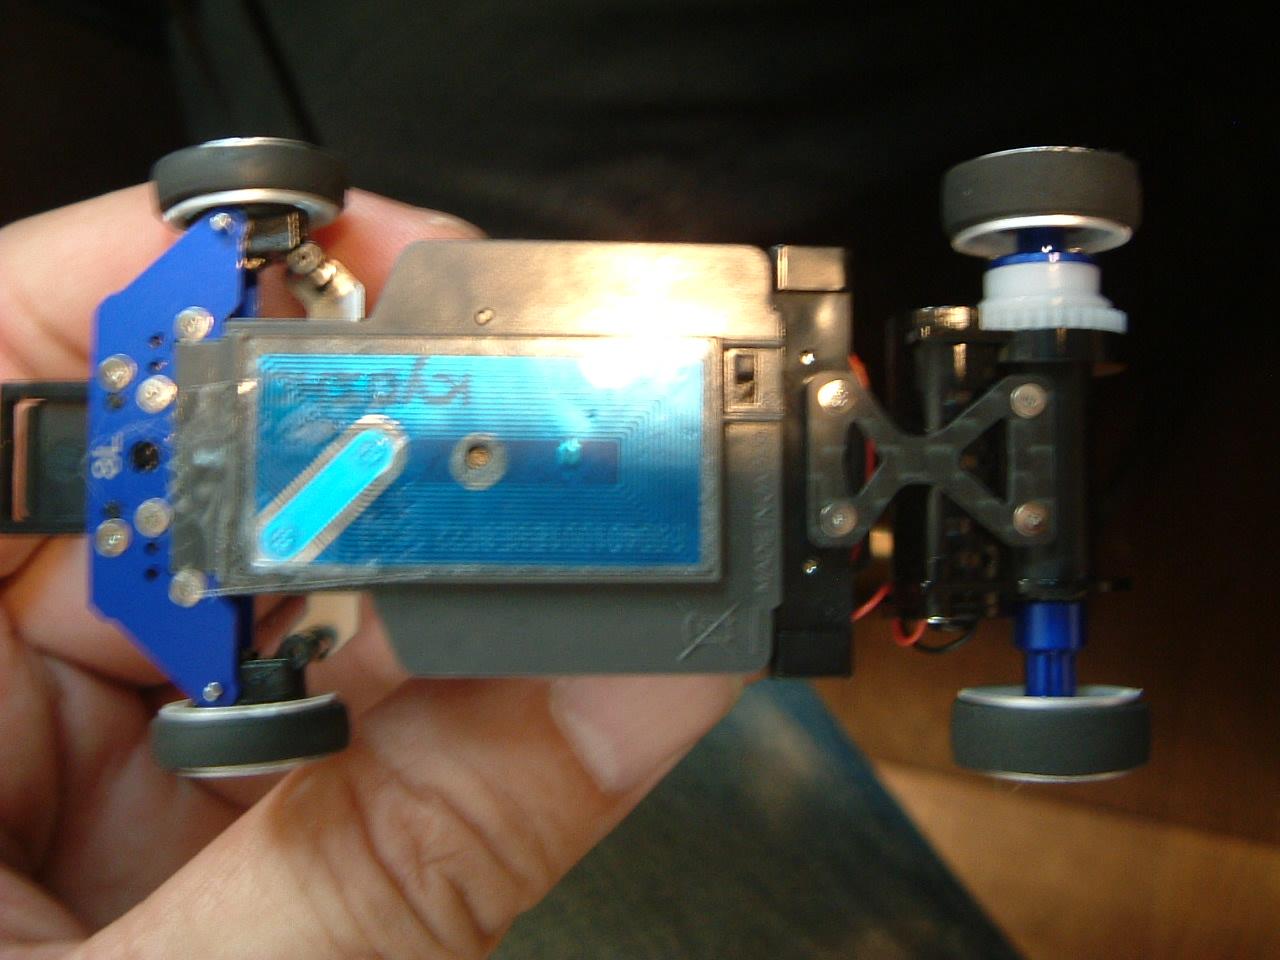 DSCF0025.JPG